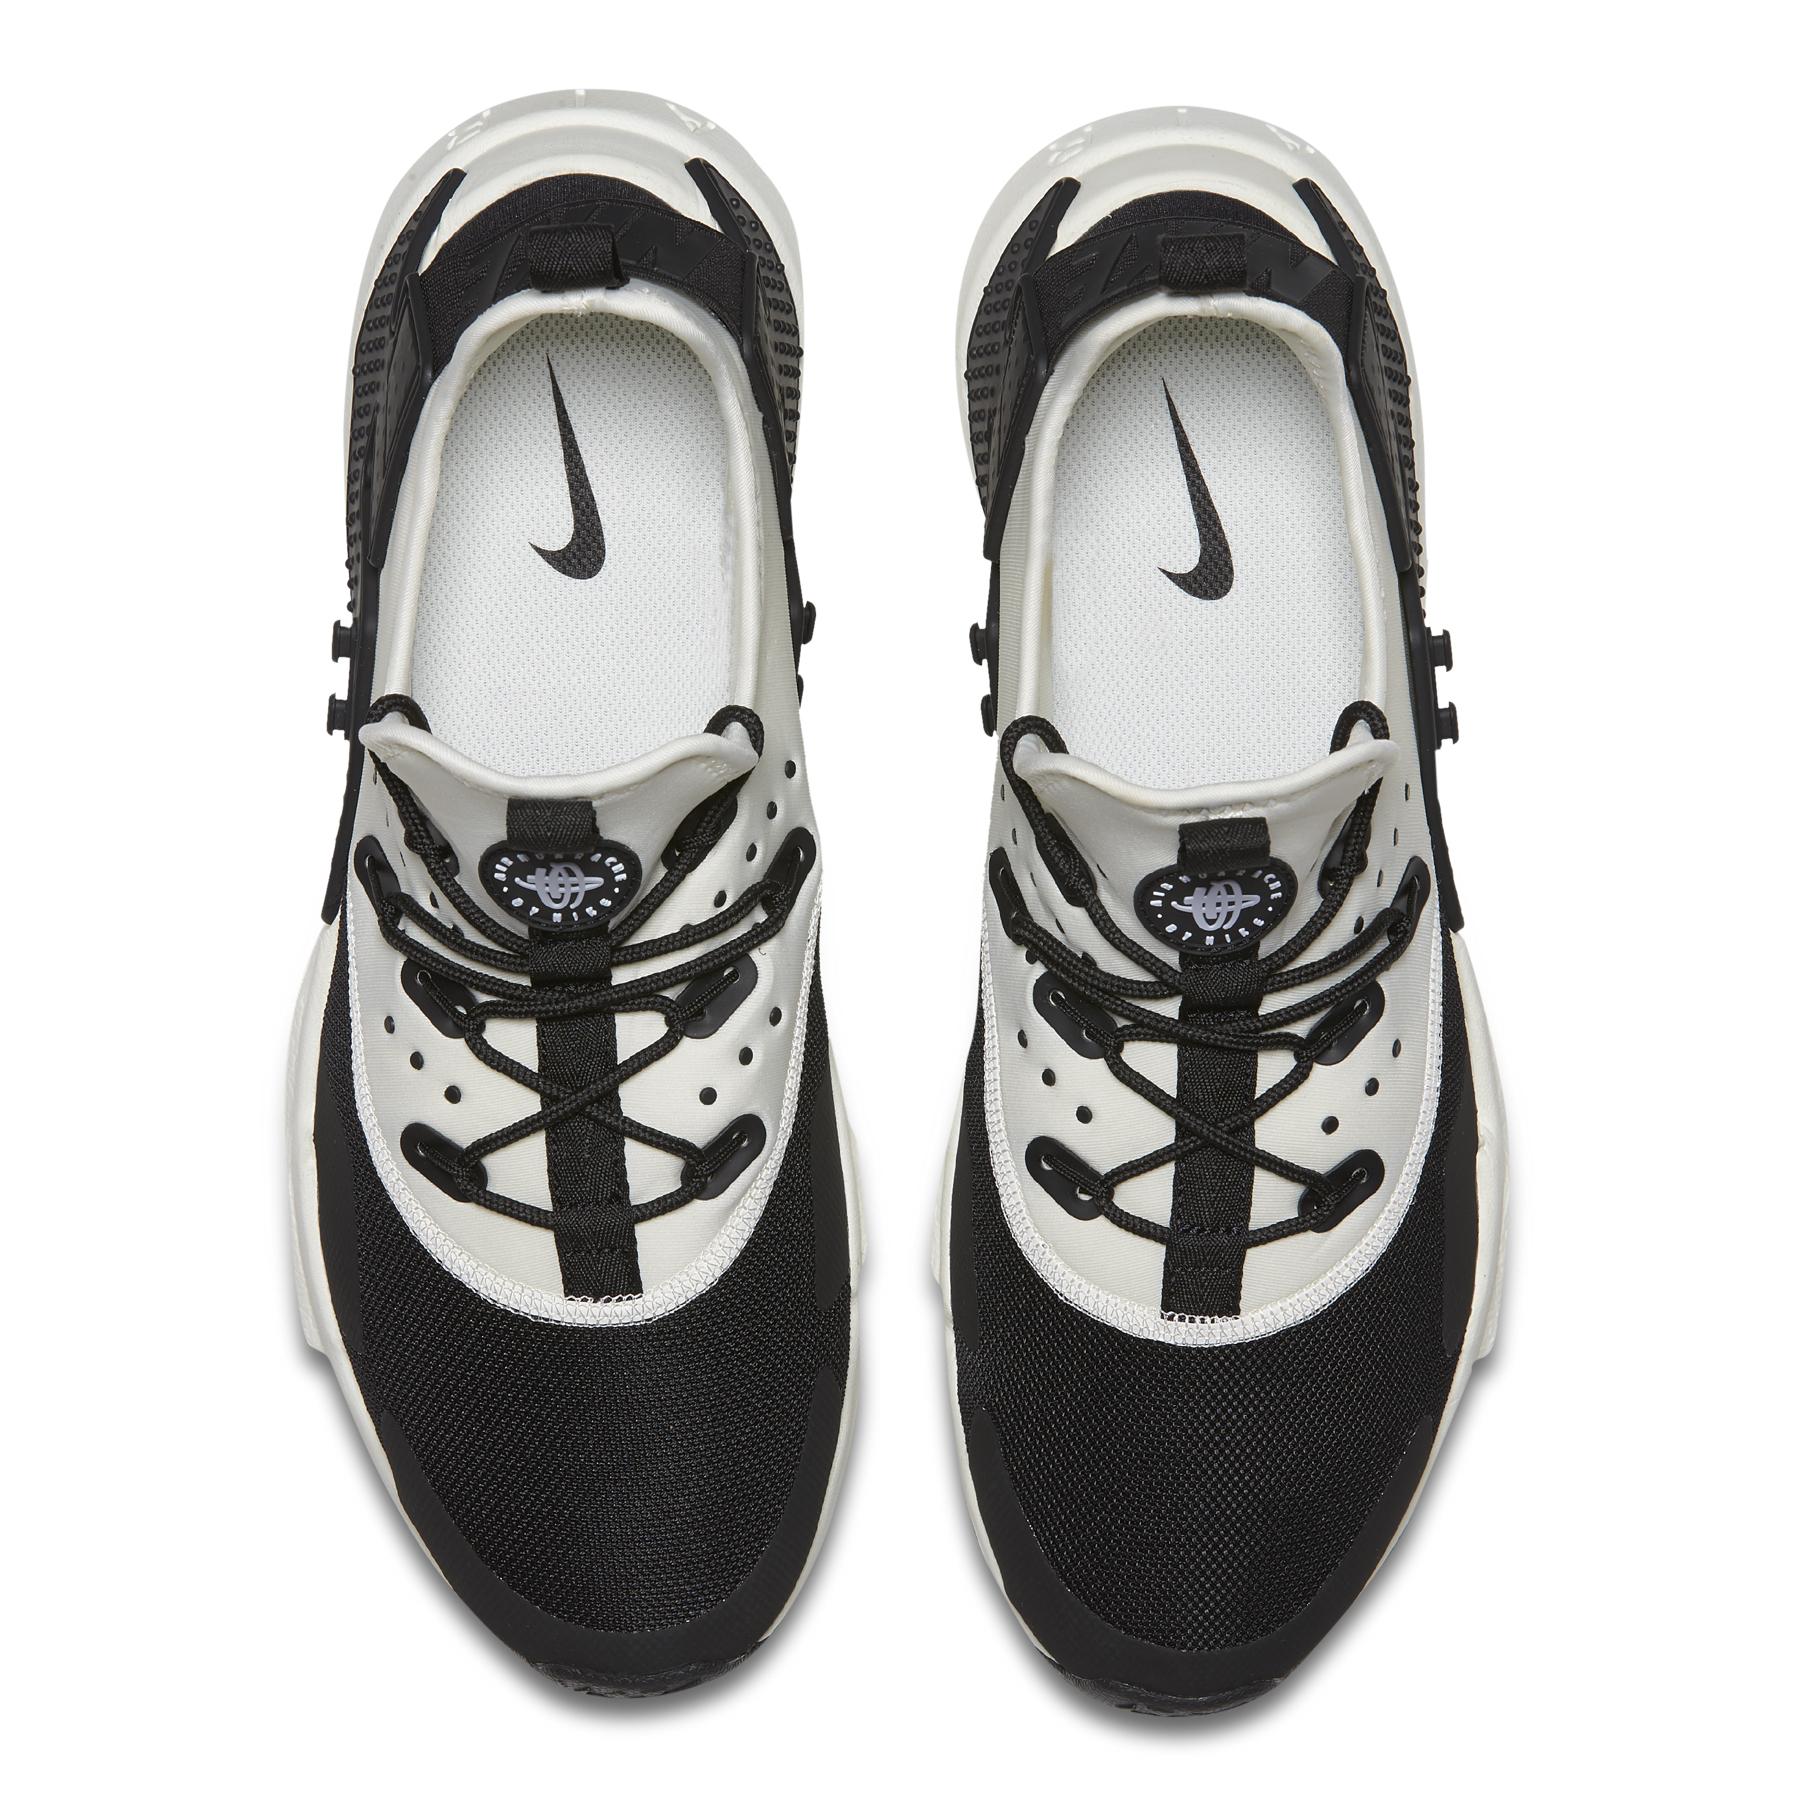 8a8a885d Кроссовки Air Huarache от Nike (AH7334-002) - продажа, цена, фото ...